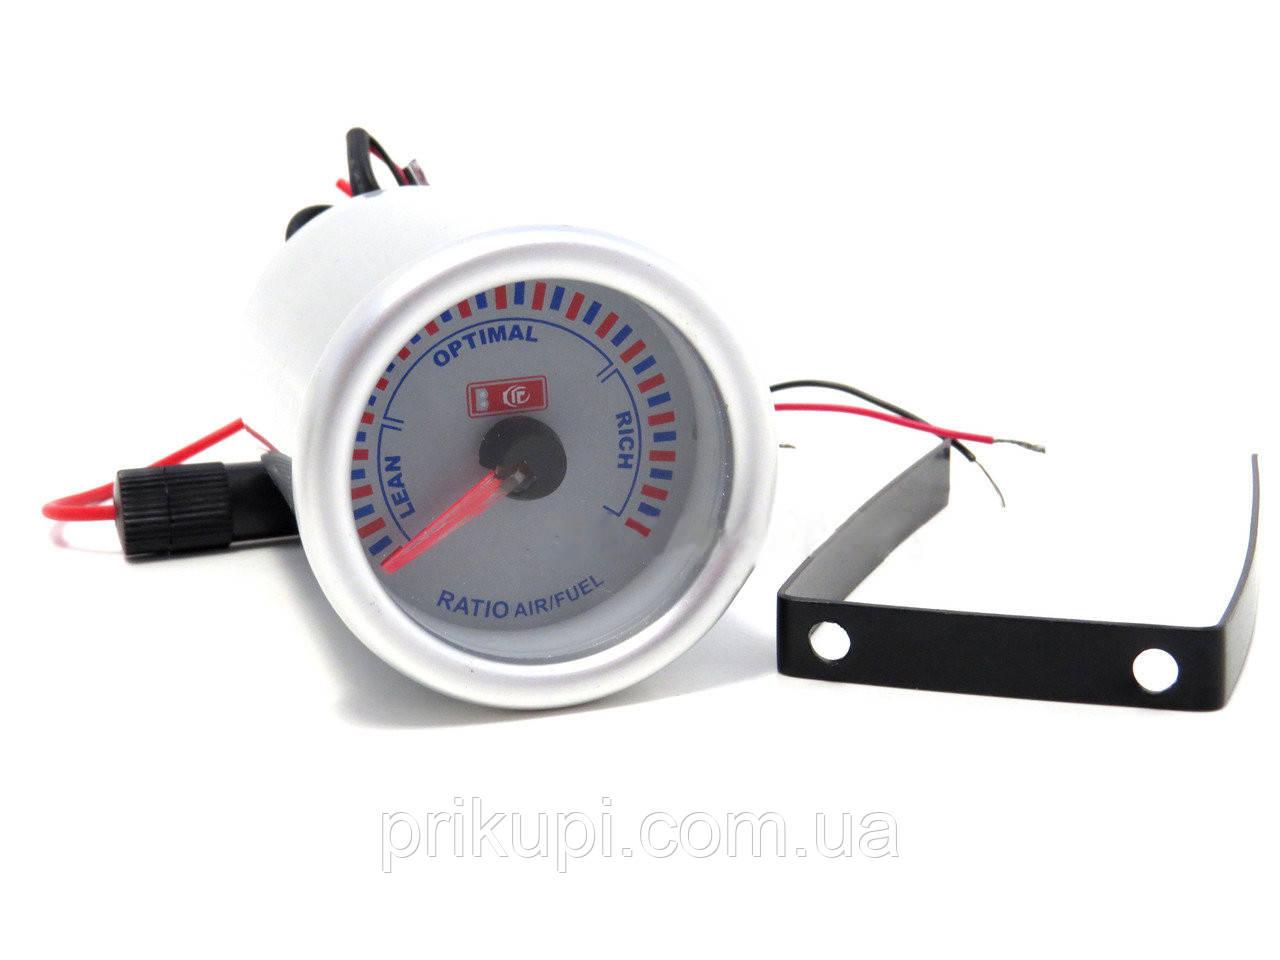 Стрілочний економайзер пального для автомобіля LED 7709 D52ММ